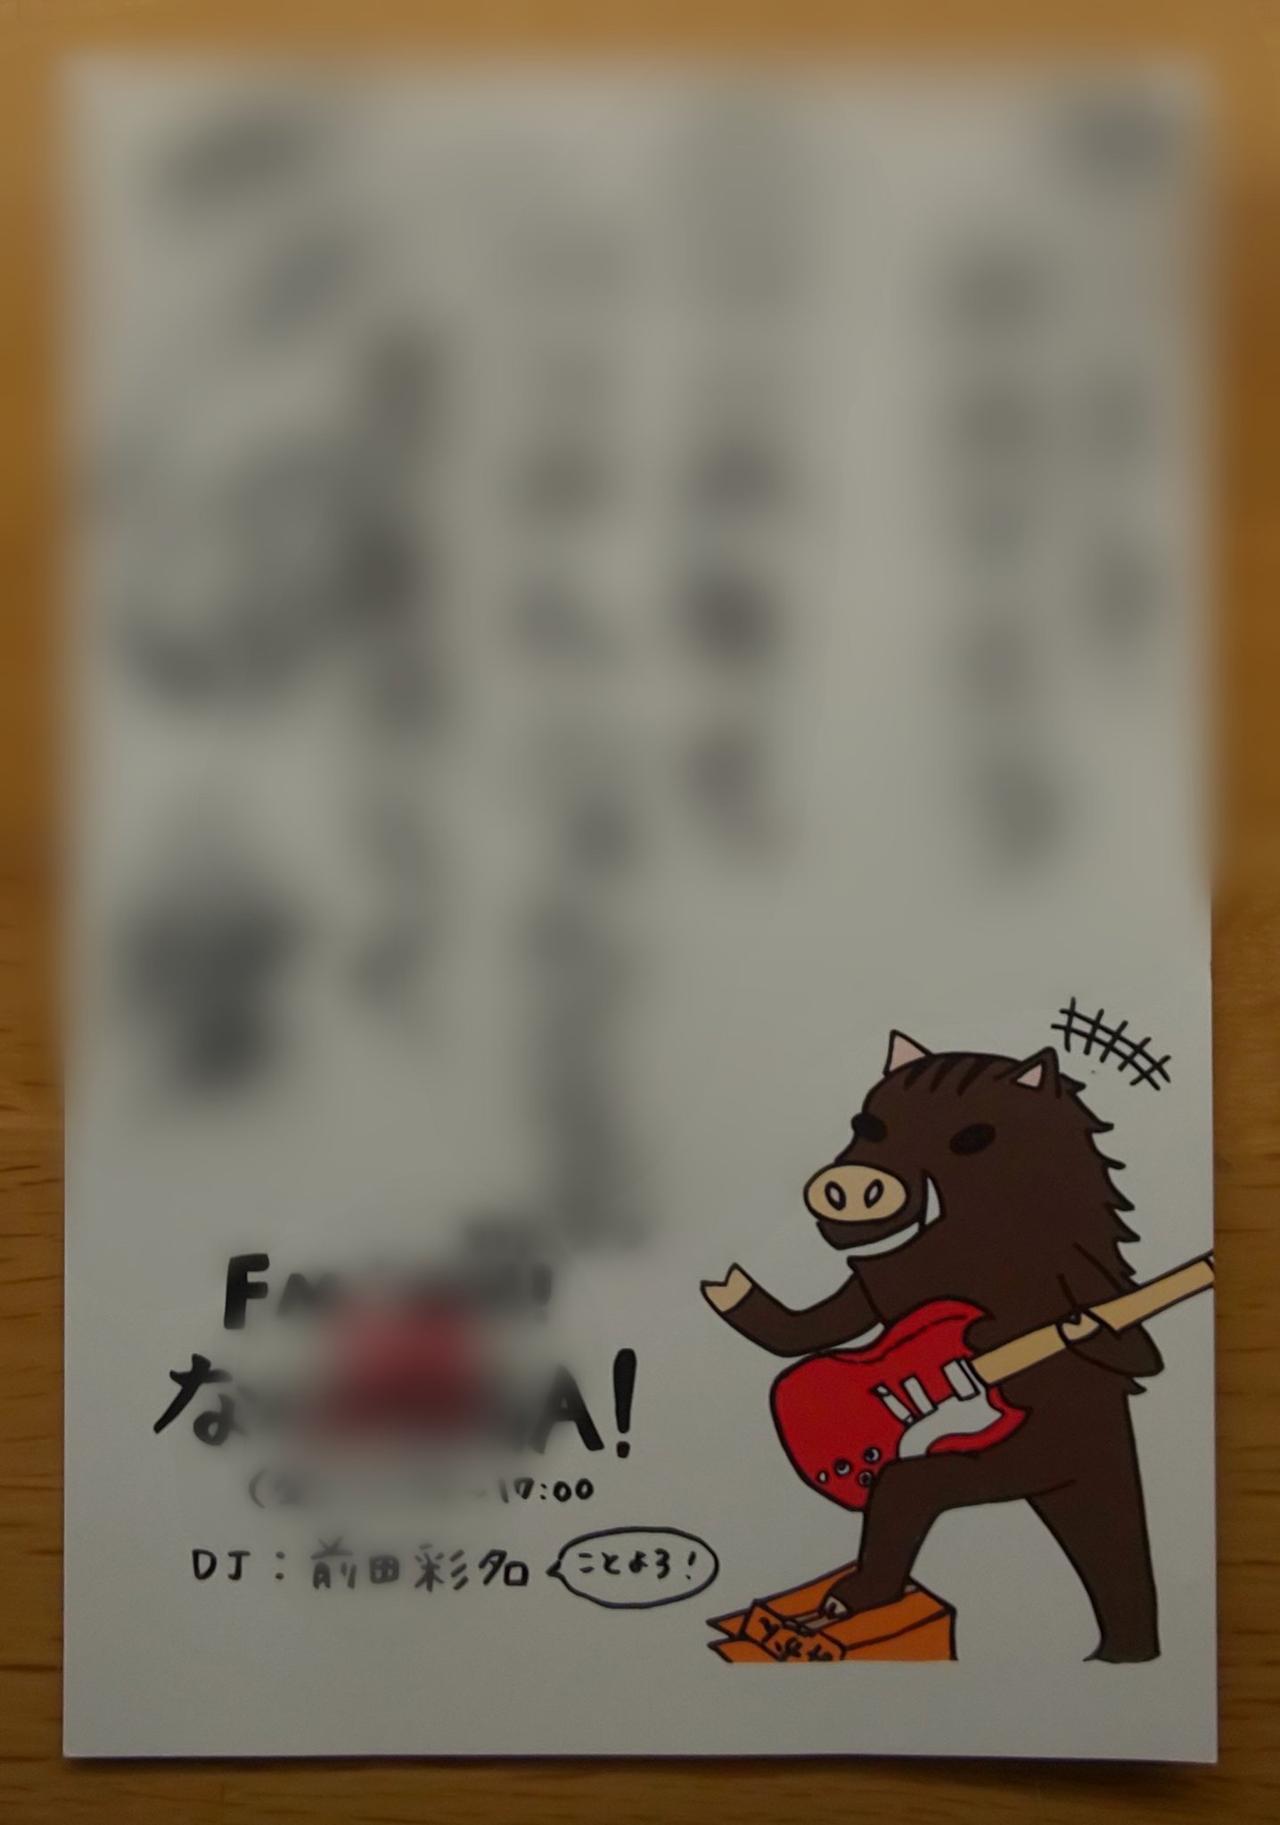 画像23: FM OH! なんMEGA! on Twitter twitter.com